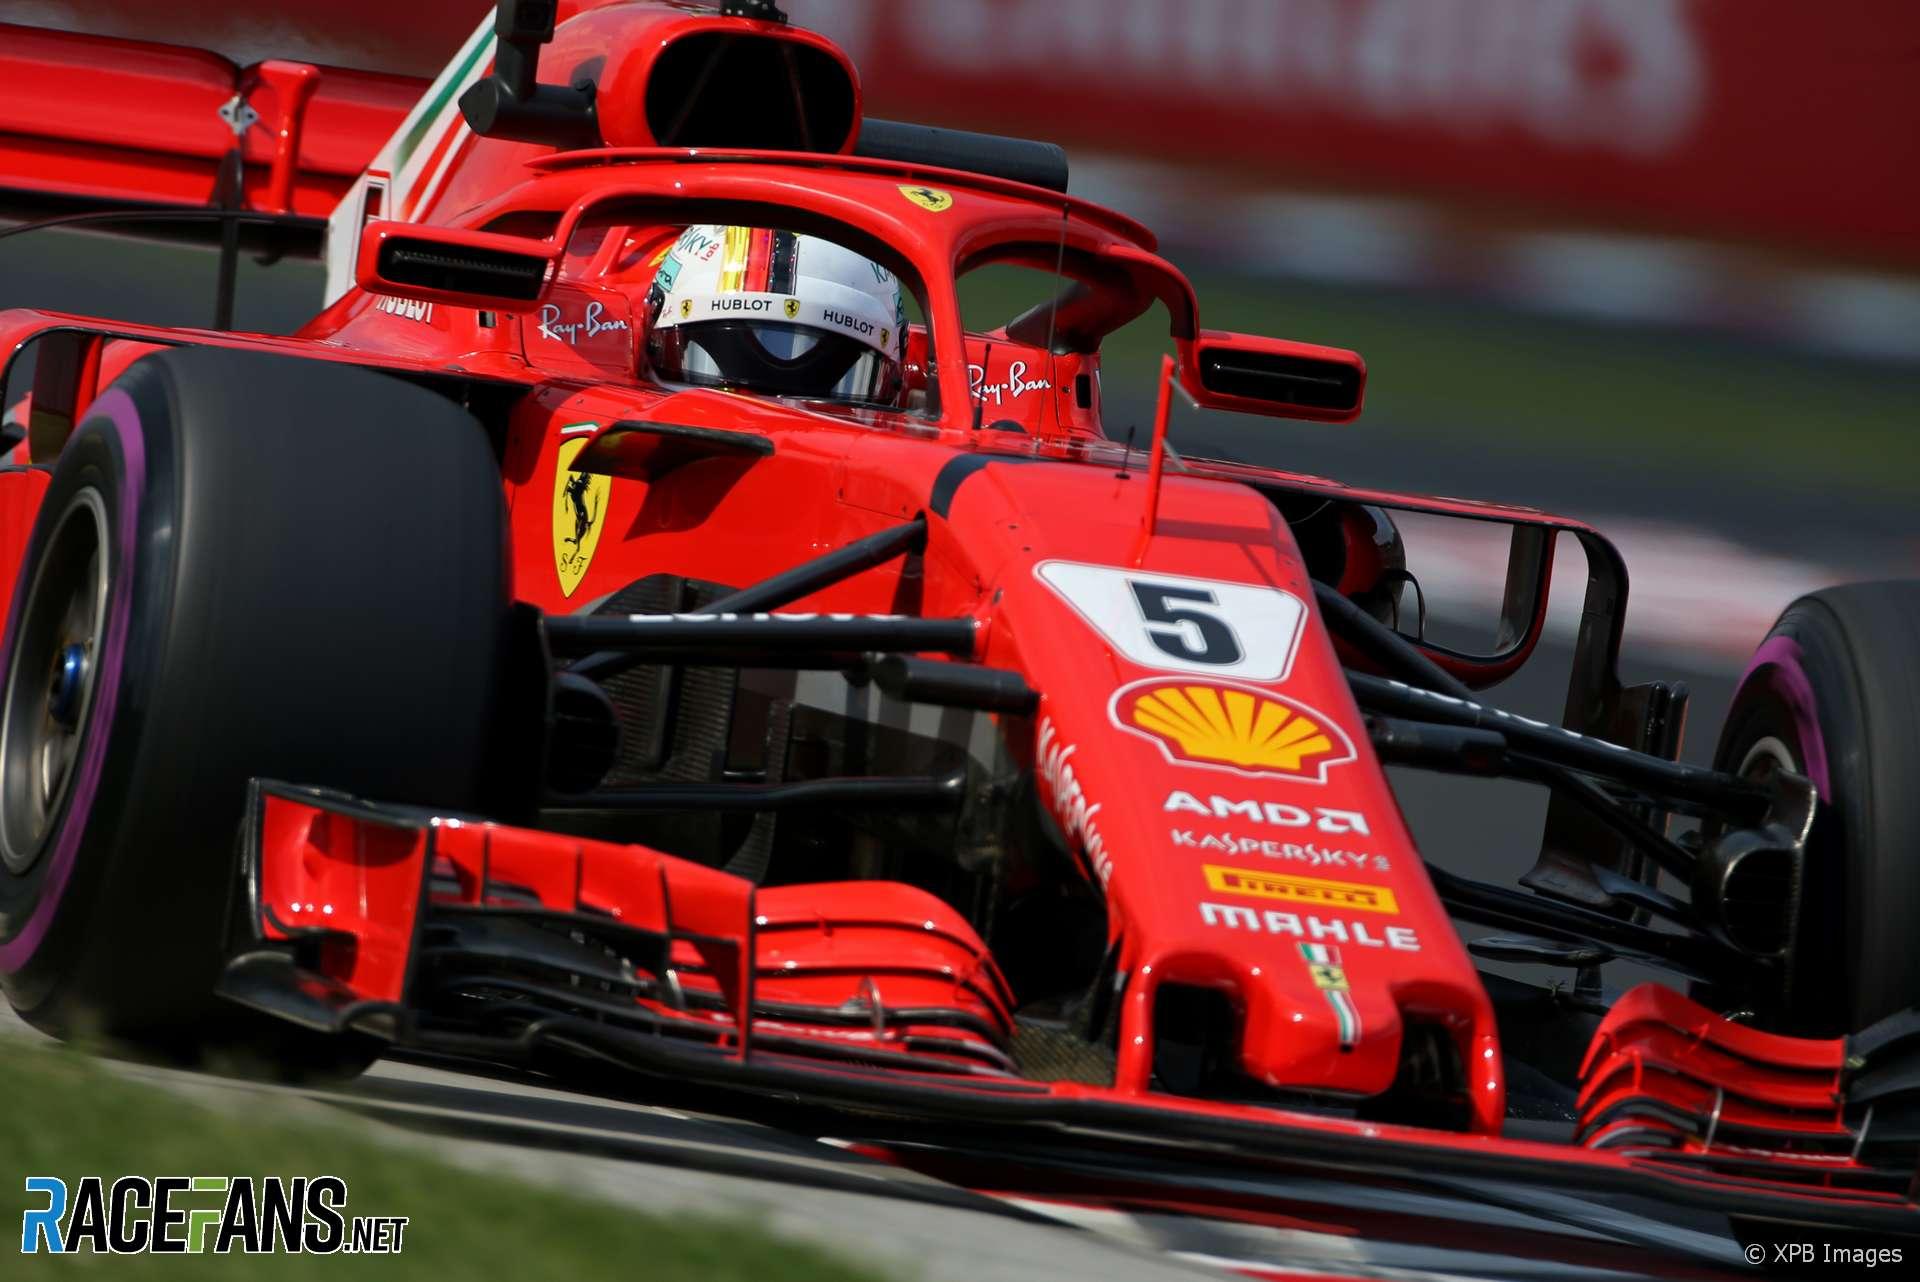 Sebastian Vettel, Ferrari, Hungaroring, 2018